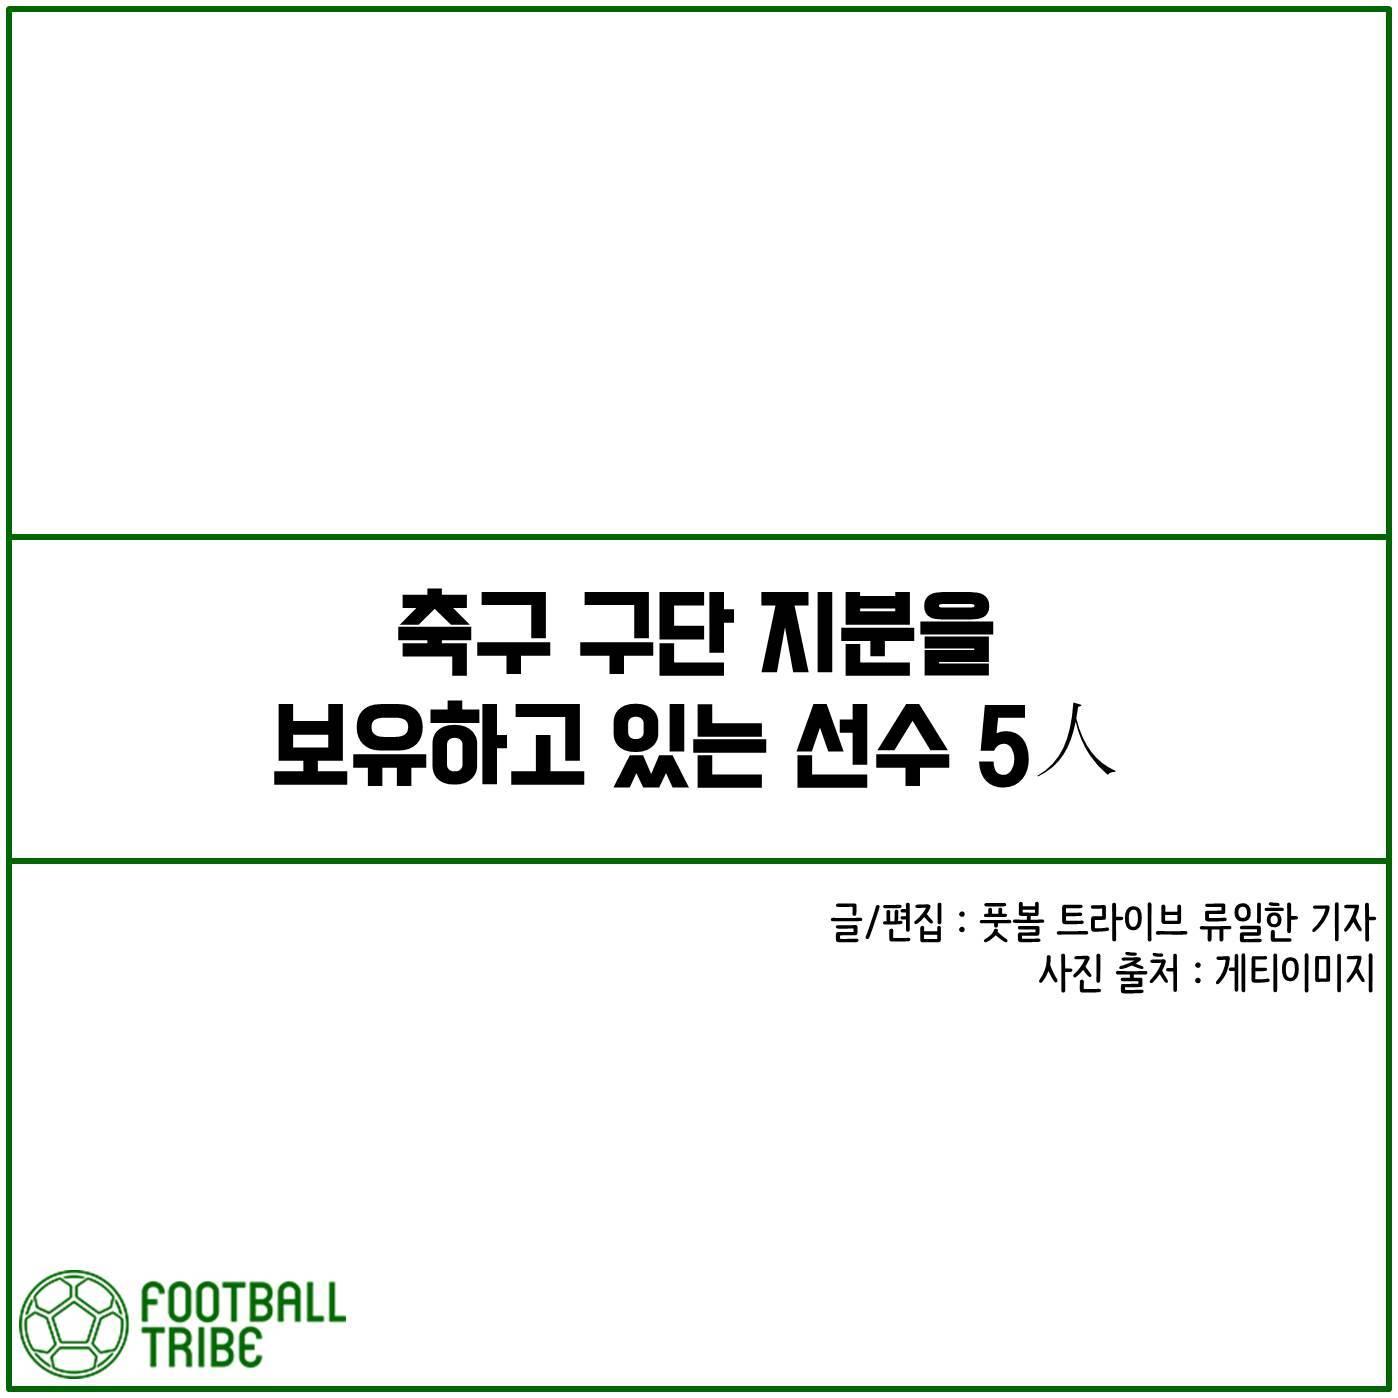 [카드 뉴스] 축구 구단 지분을 보유하고 있는 선수 5人